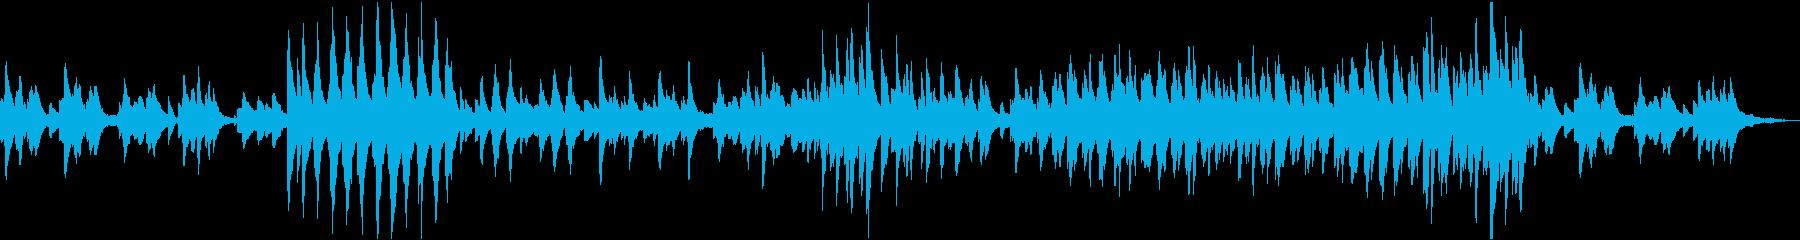 クライスレリアーナ第6曲の再生済みの波形